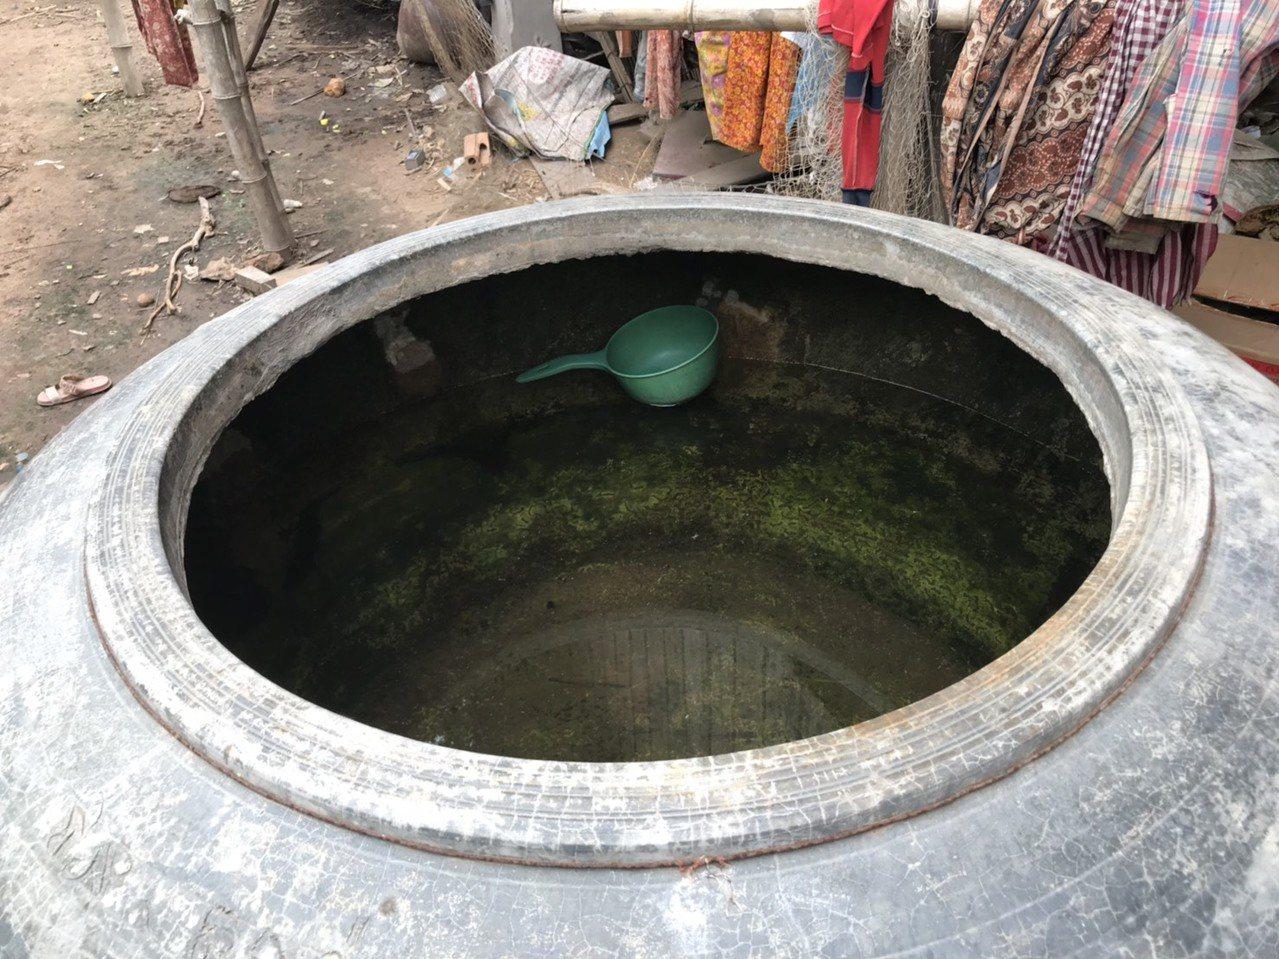 柬埔寨偏鄉居民,多數水源仍利用雨水,並用大水缸儲存,水很混濁。記者馮靖惠/攝影